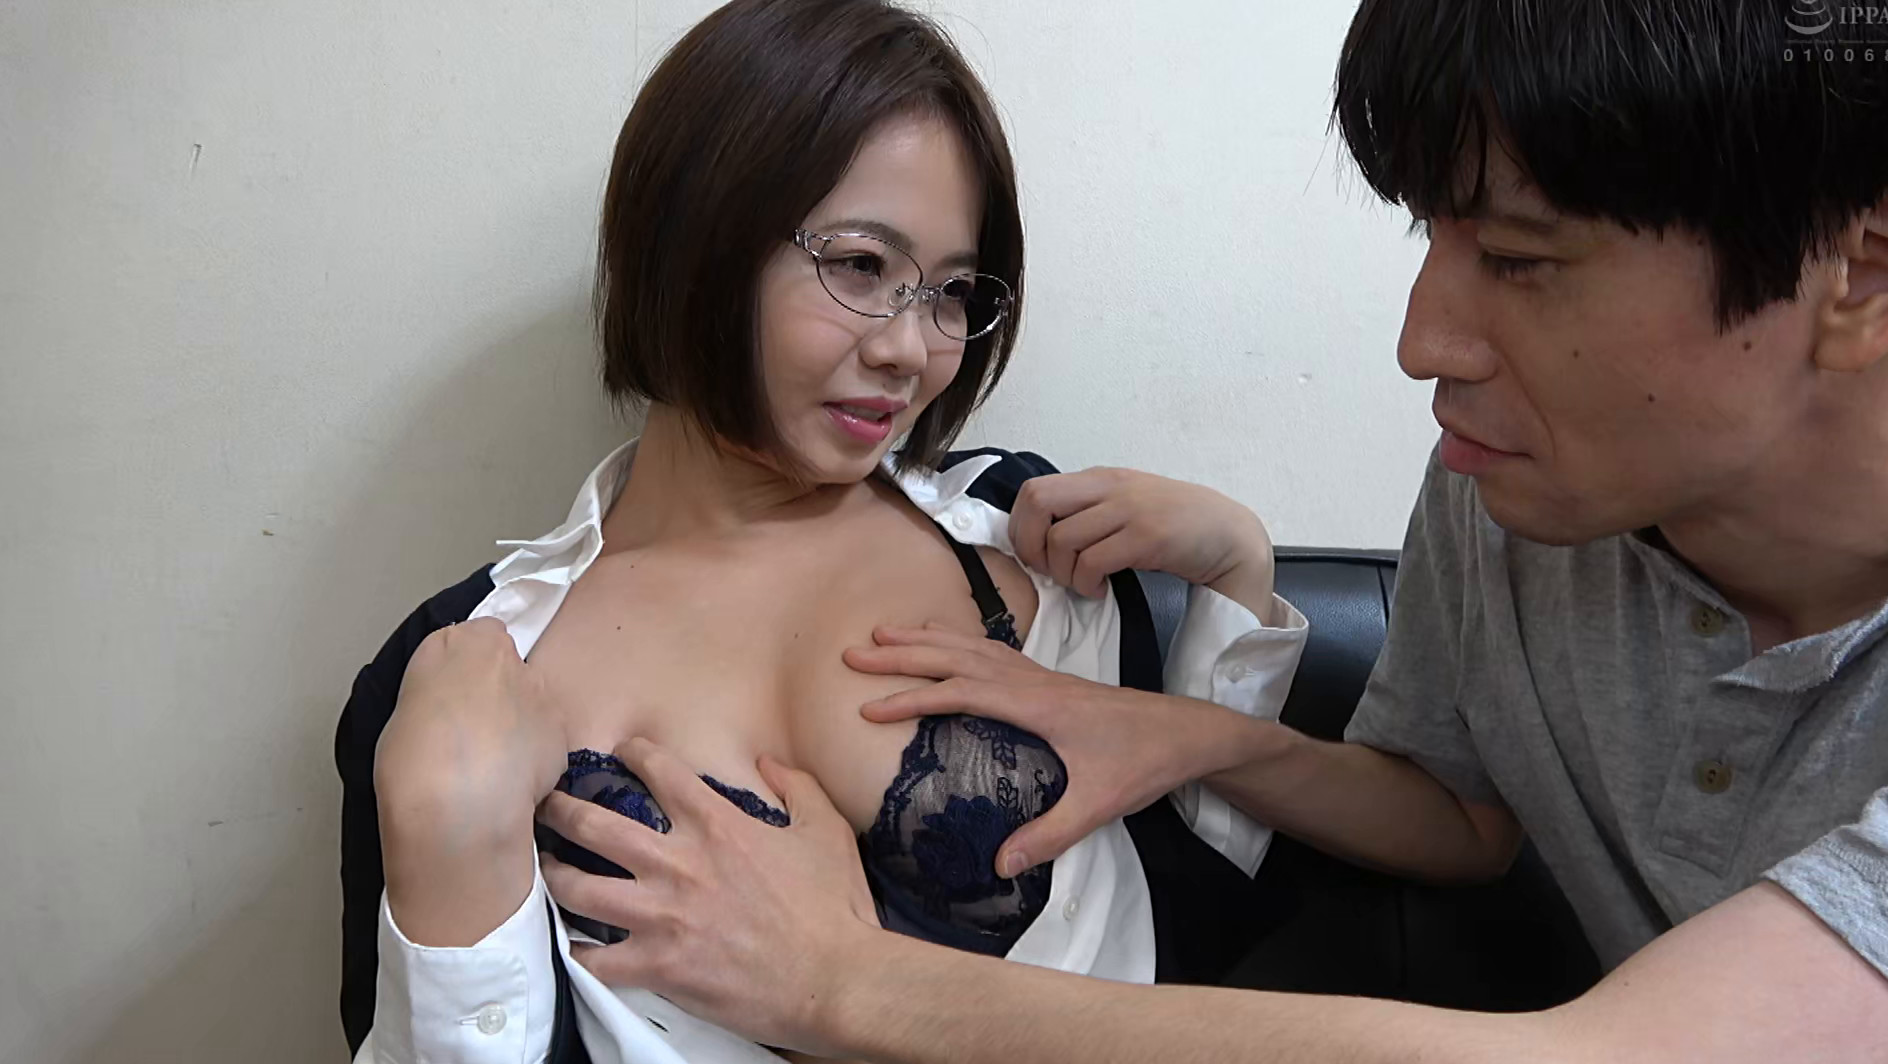 独り暮らしの男性に枕営業で契約をGETするデカパイ営業レディ 赤瀬尚子,のサンプル画像4